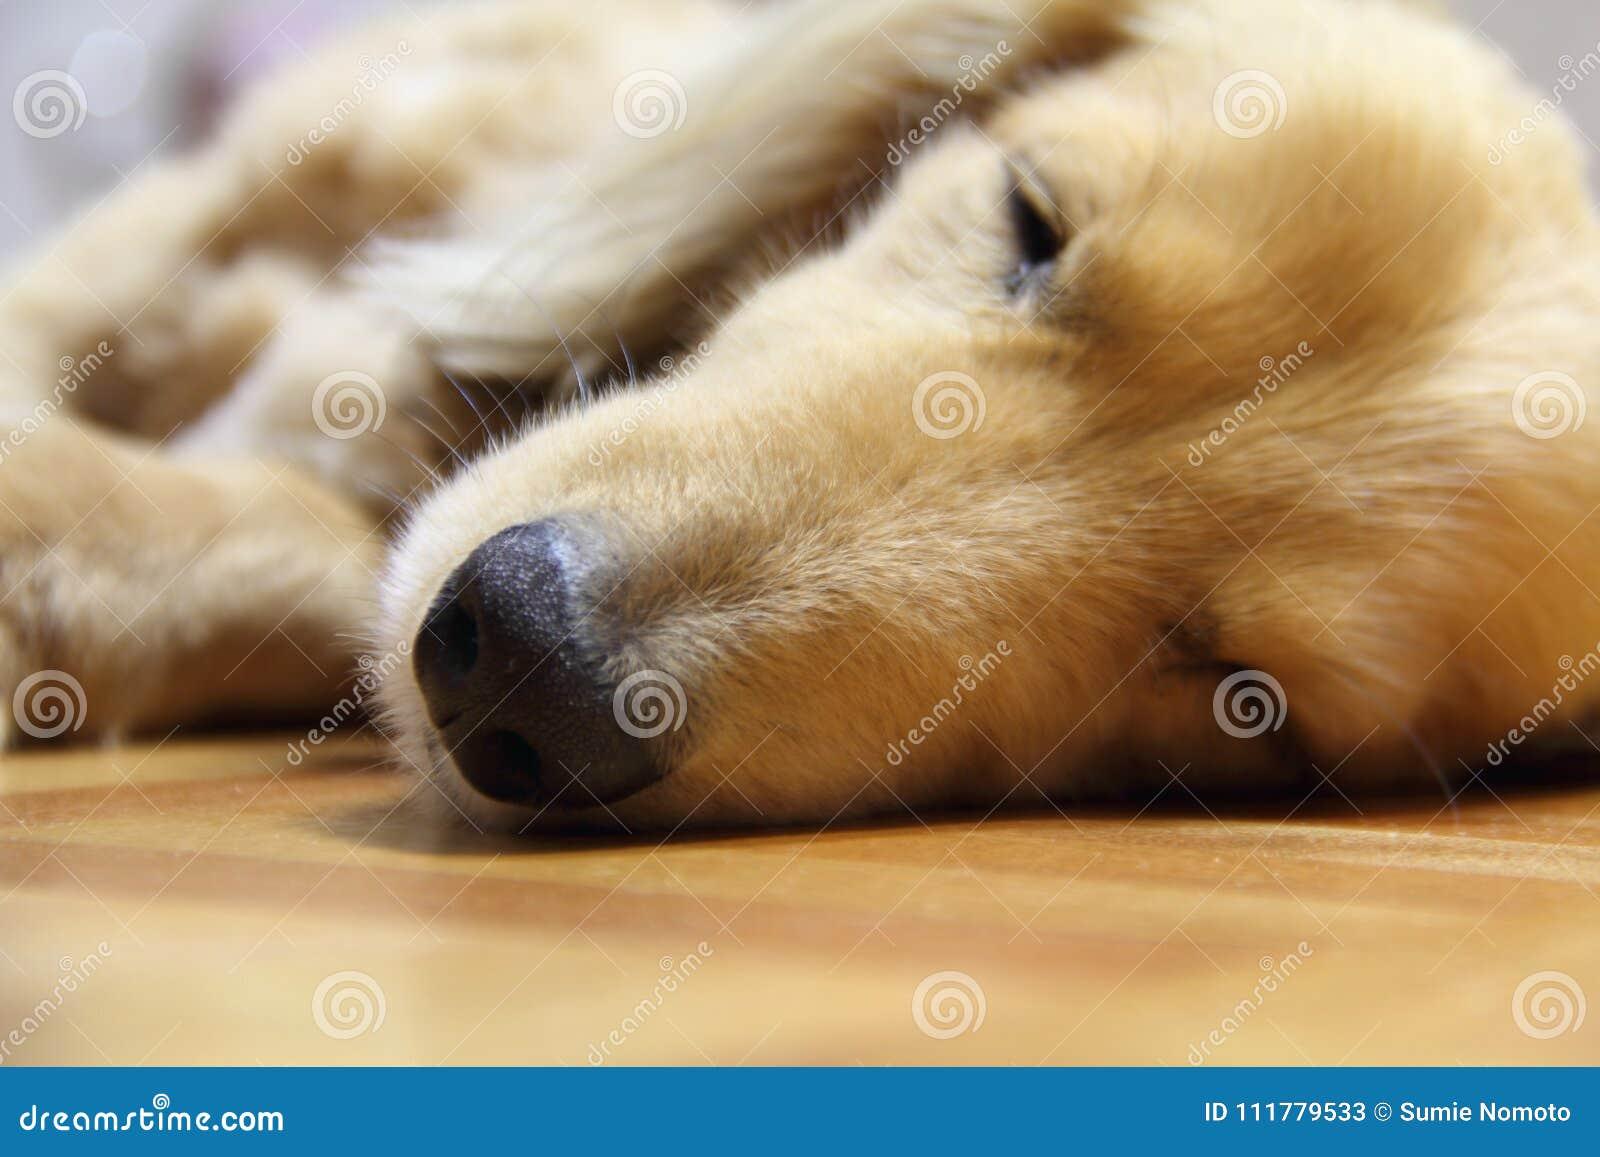 Sleeping long hair dachshund